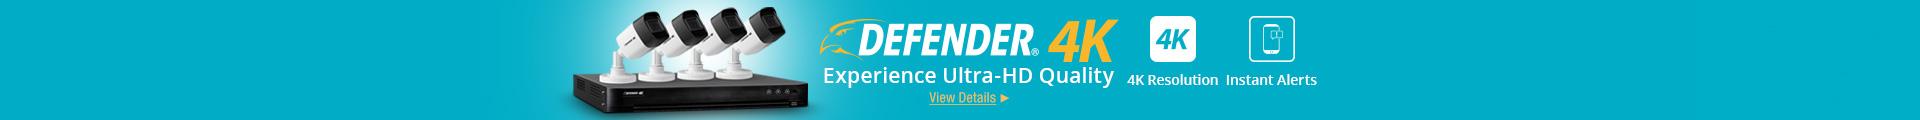 Defender 4K